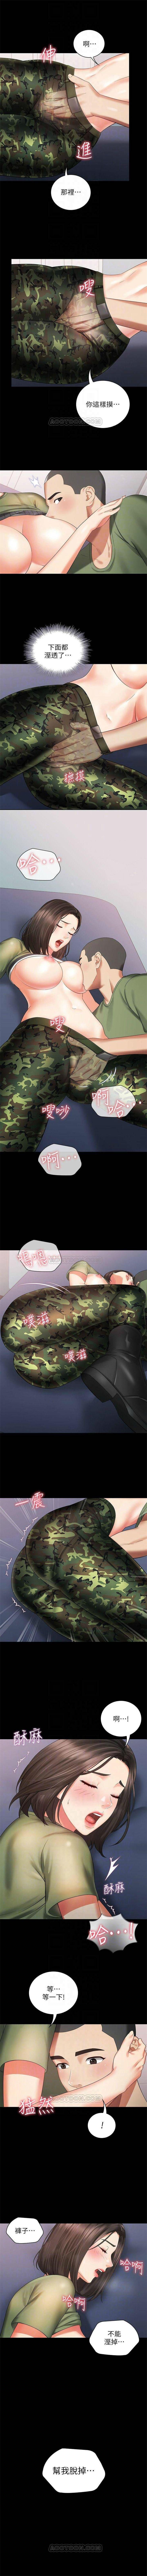 妹妹的義務 1-38 官方中文(連載中) 114